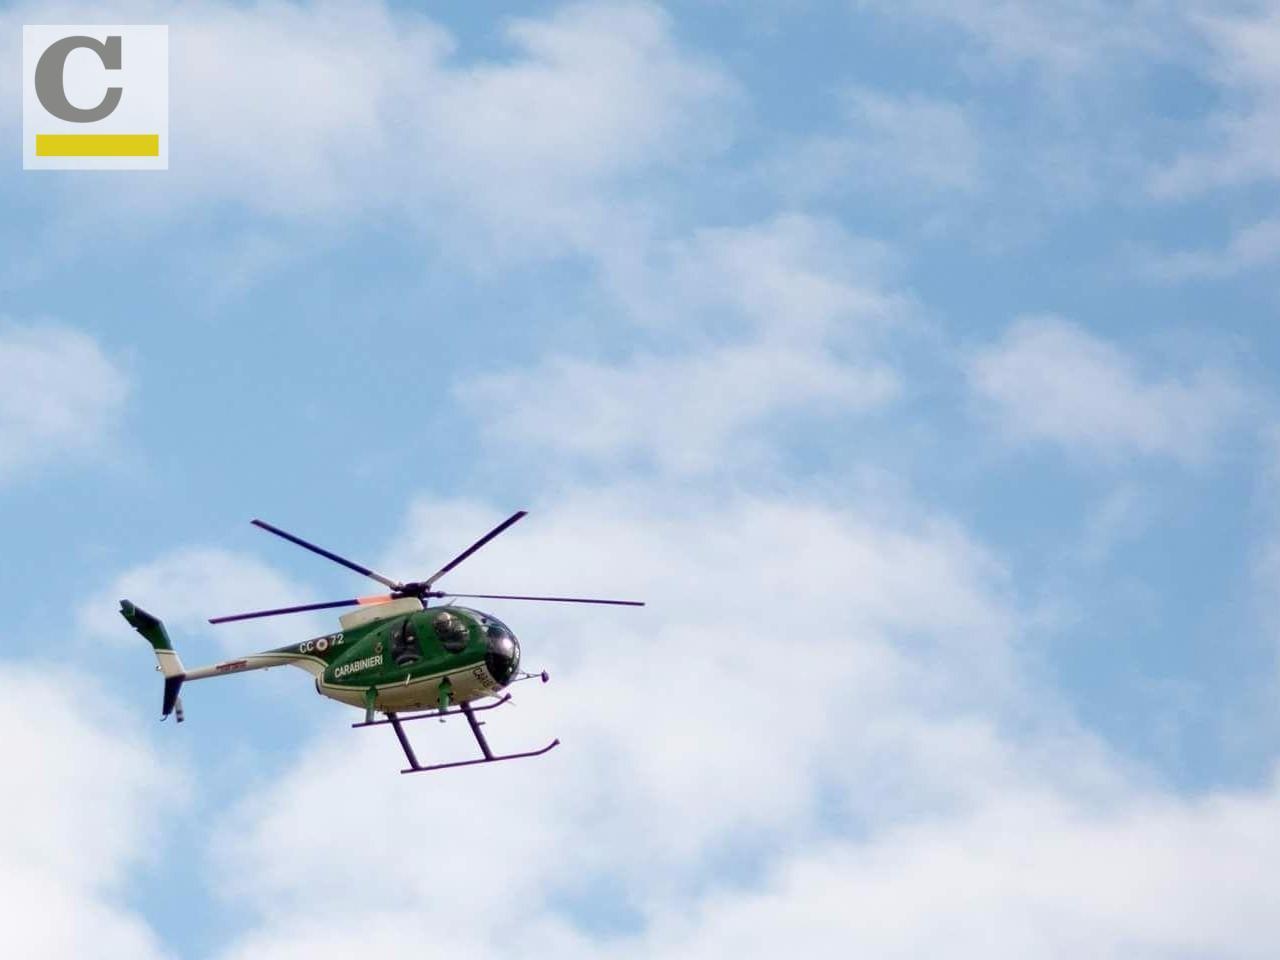 Un Elicottero : Scomparsa vincenzo frasca in azione pure un elicottero attesi